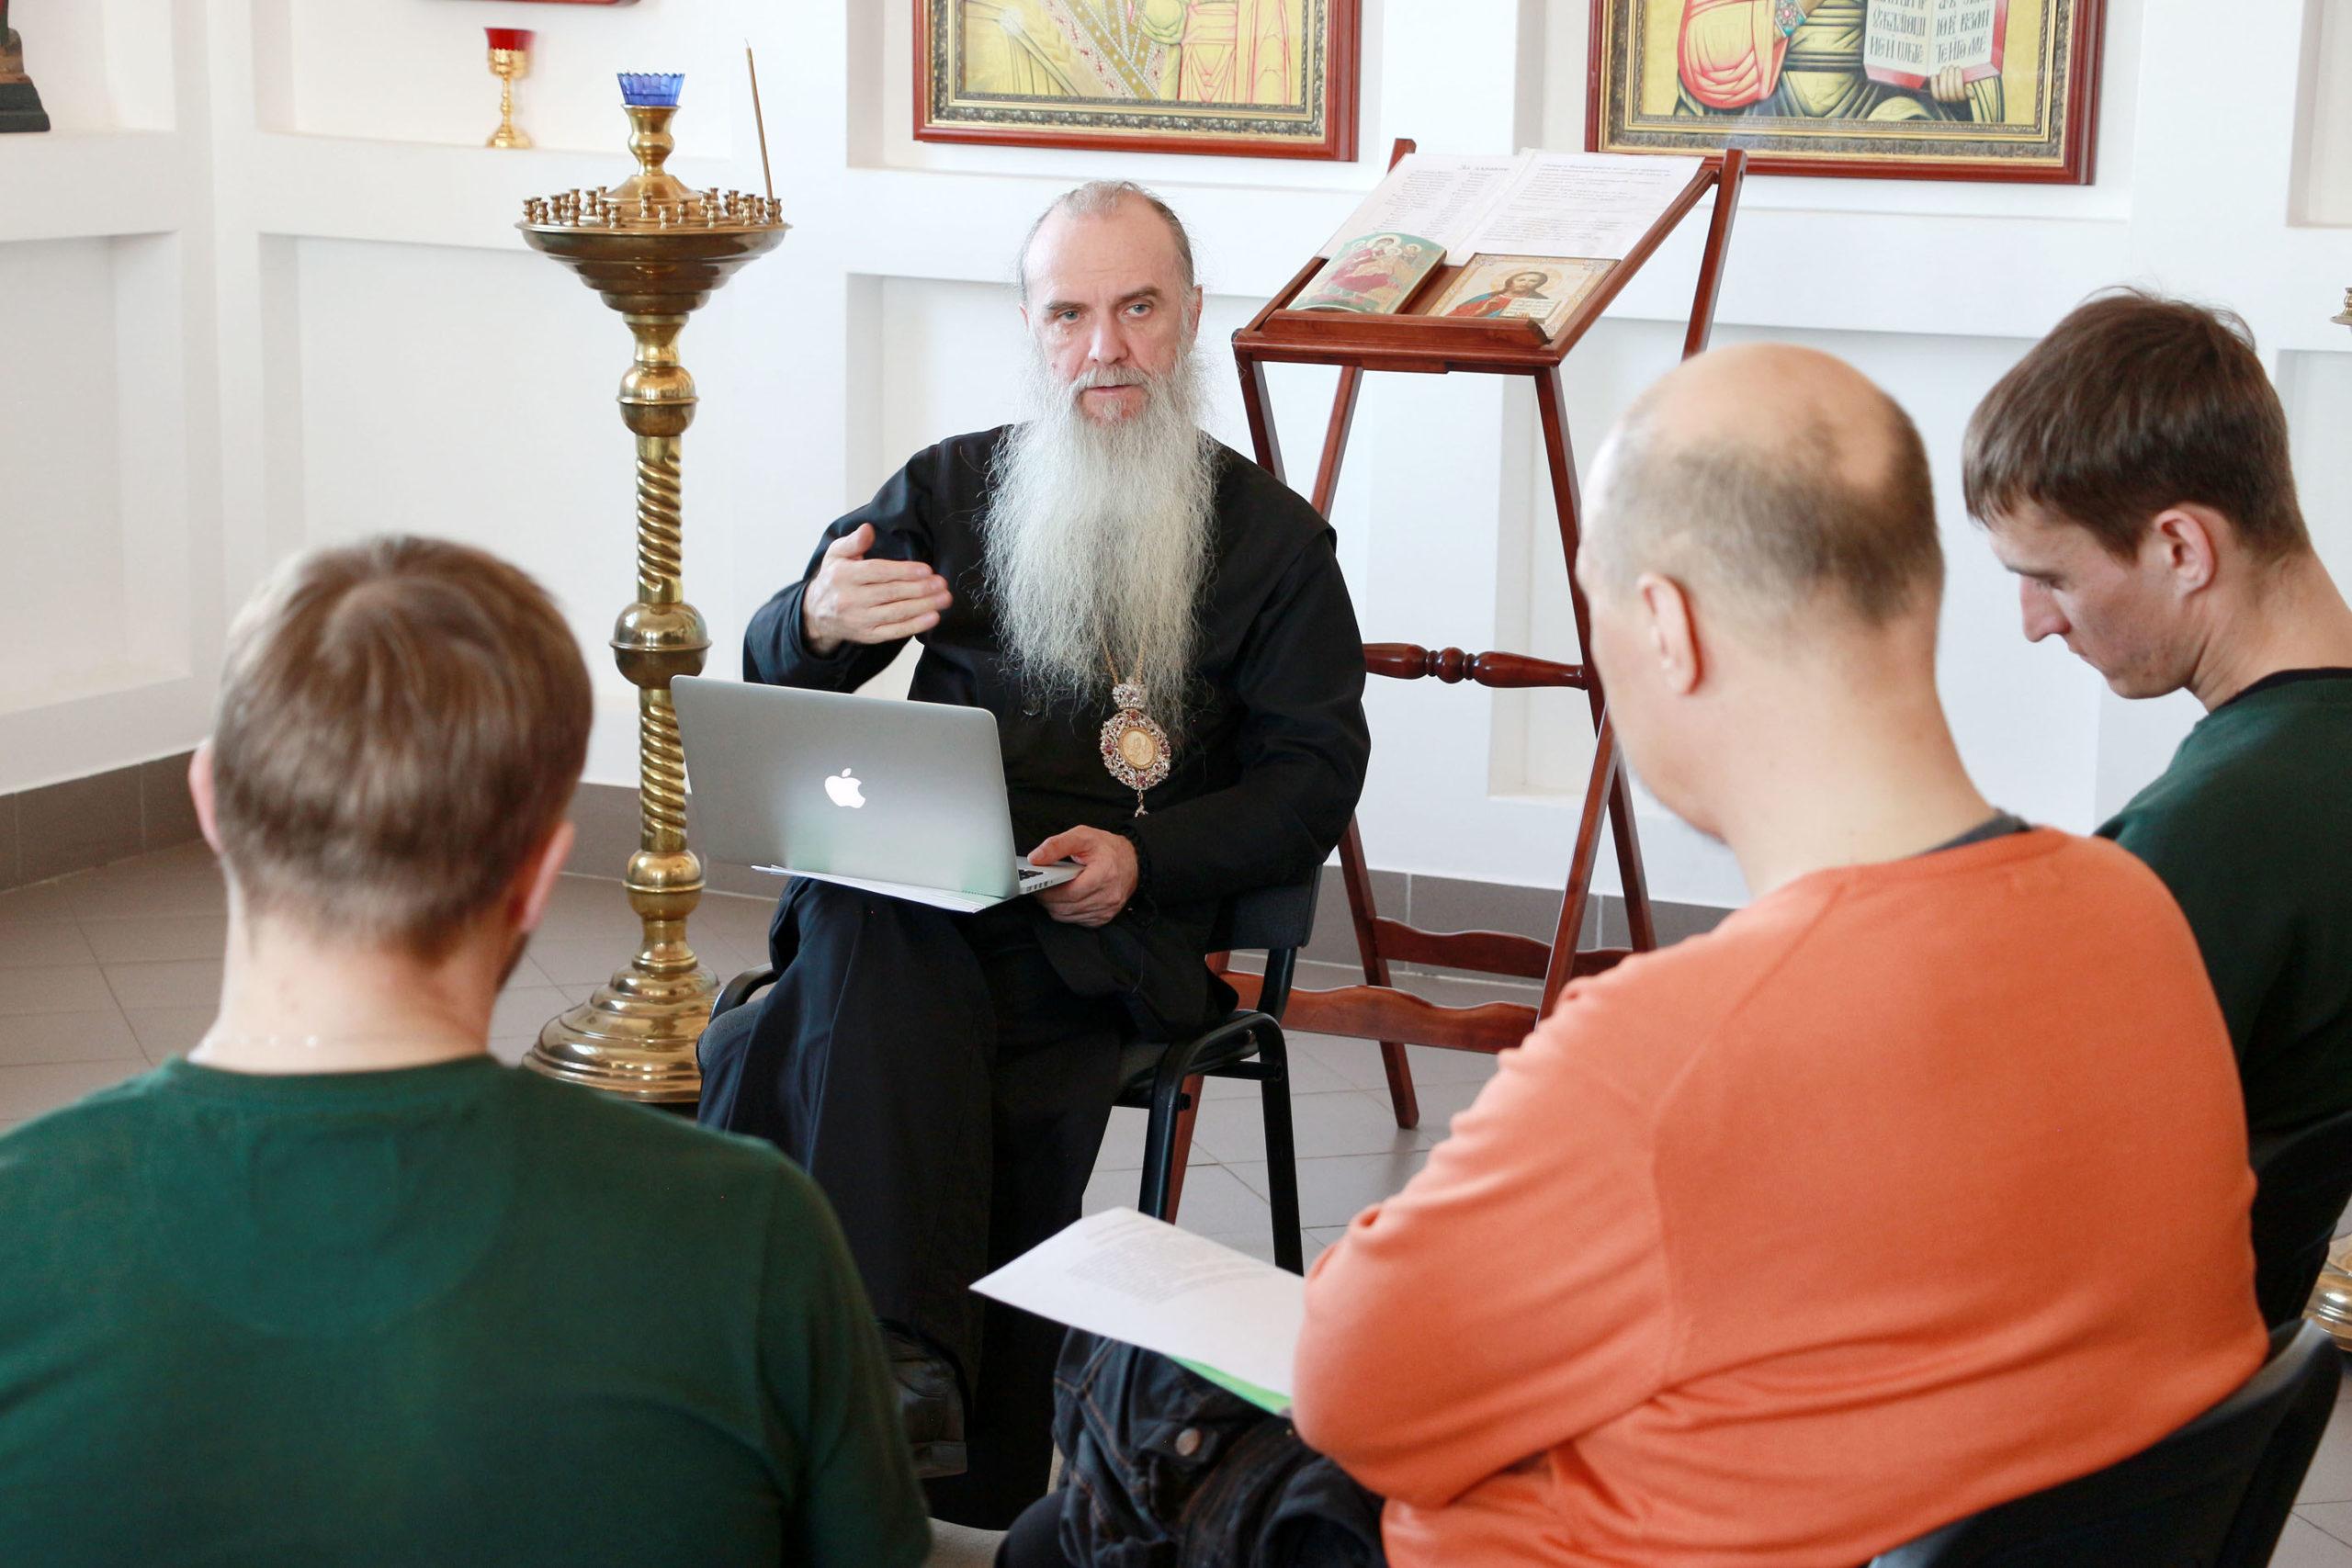 Епископ Мефодий: «Православной вероучительной традиции вполне достаточно для обуздания греховной зависимости»